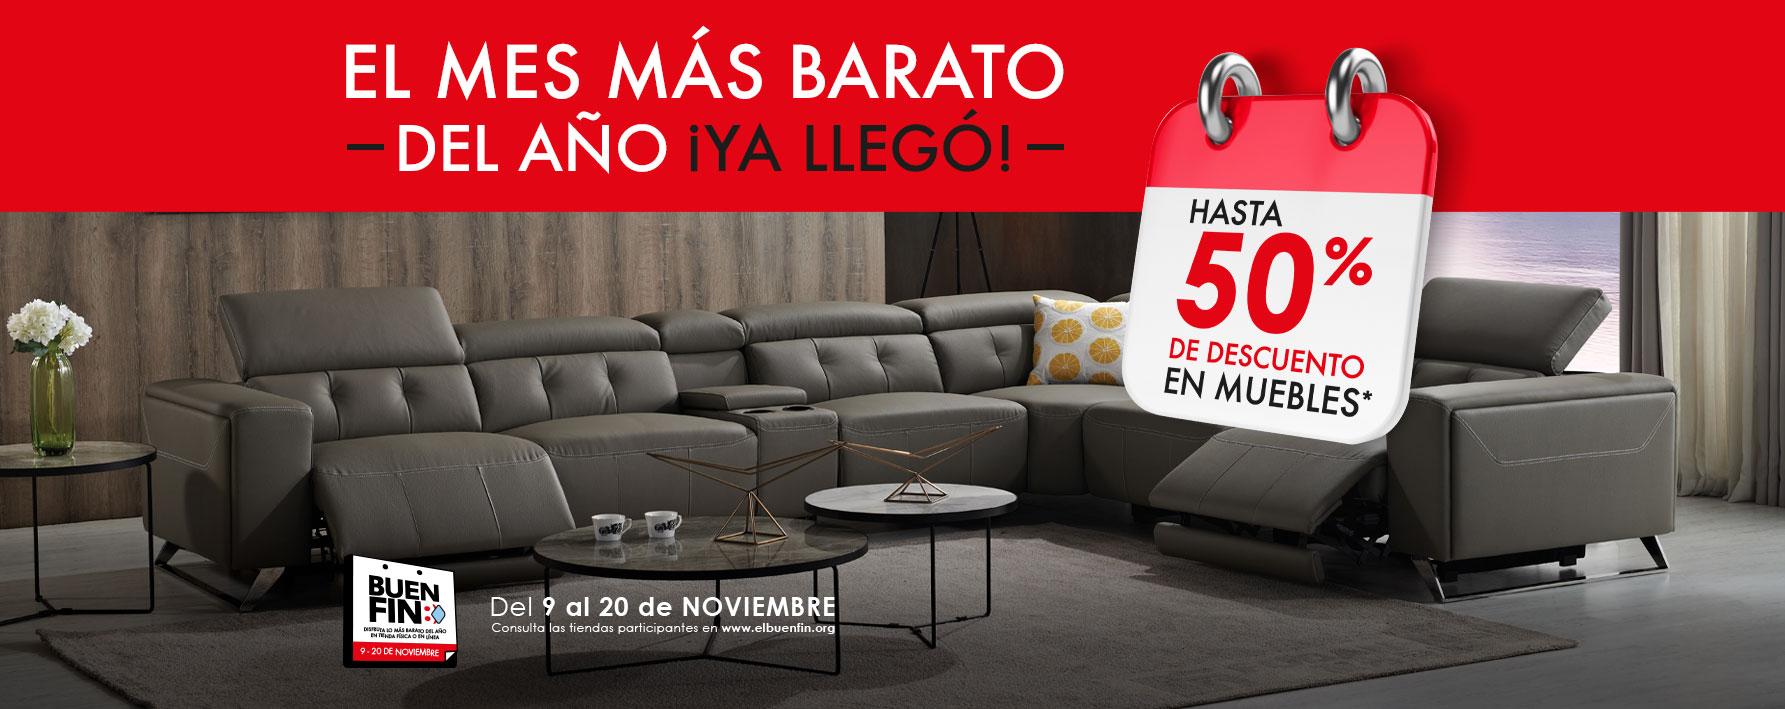 Los mejores muebles con los mejores descuentos durante todo Noviembre, disfrútalos en Béledi